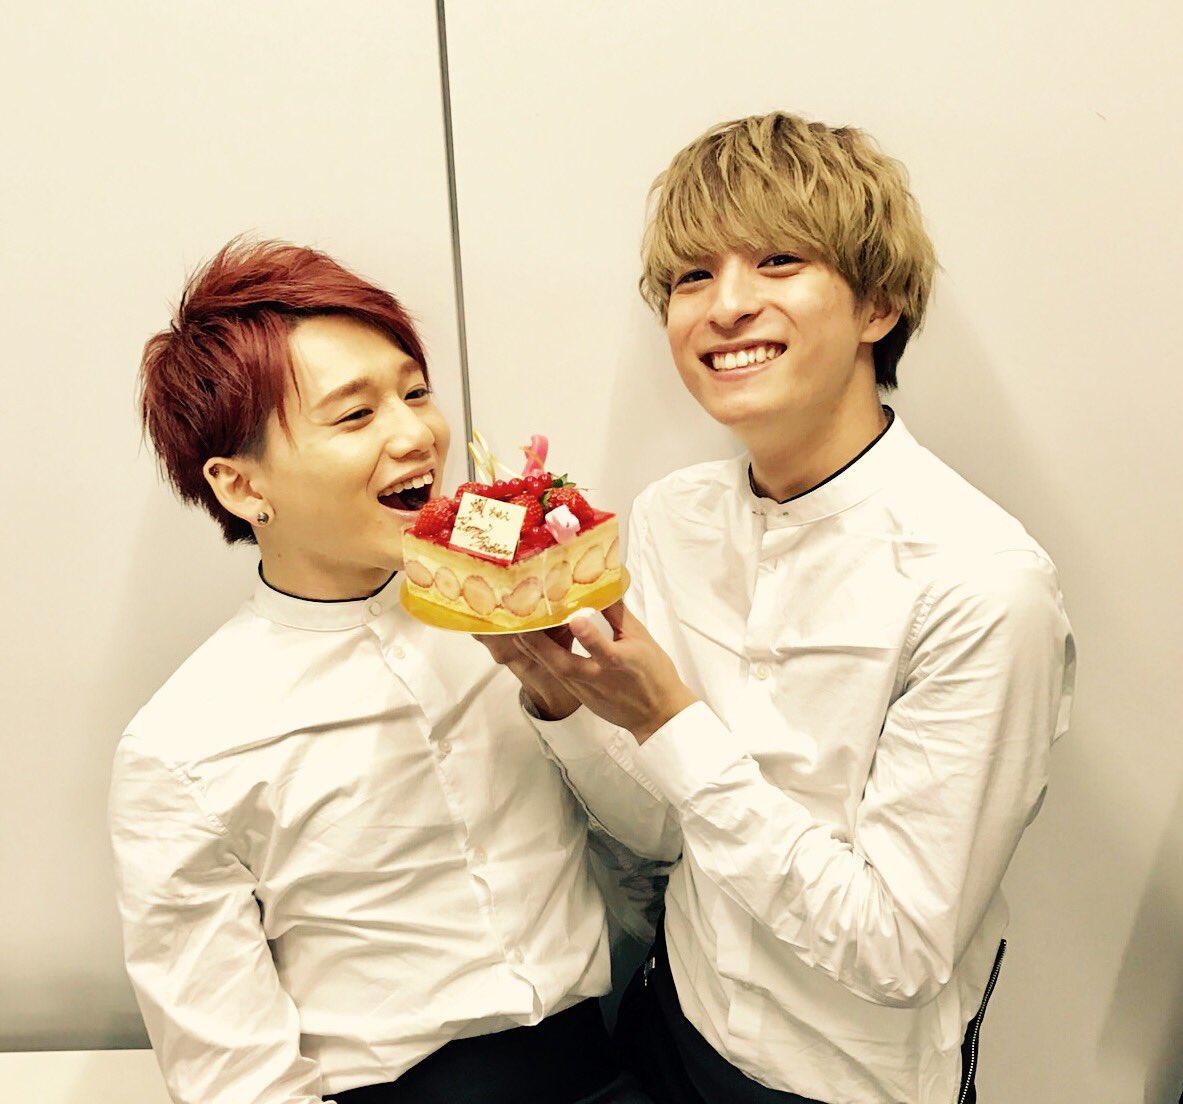 本日はたくさんの和田颯誕生日お祝いコメントありがとうございました! お礼として、アルバム初回盤B特典…